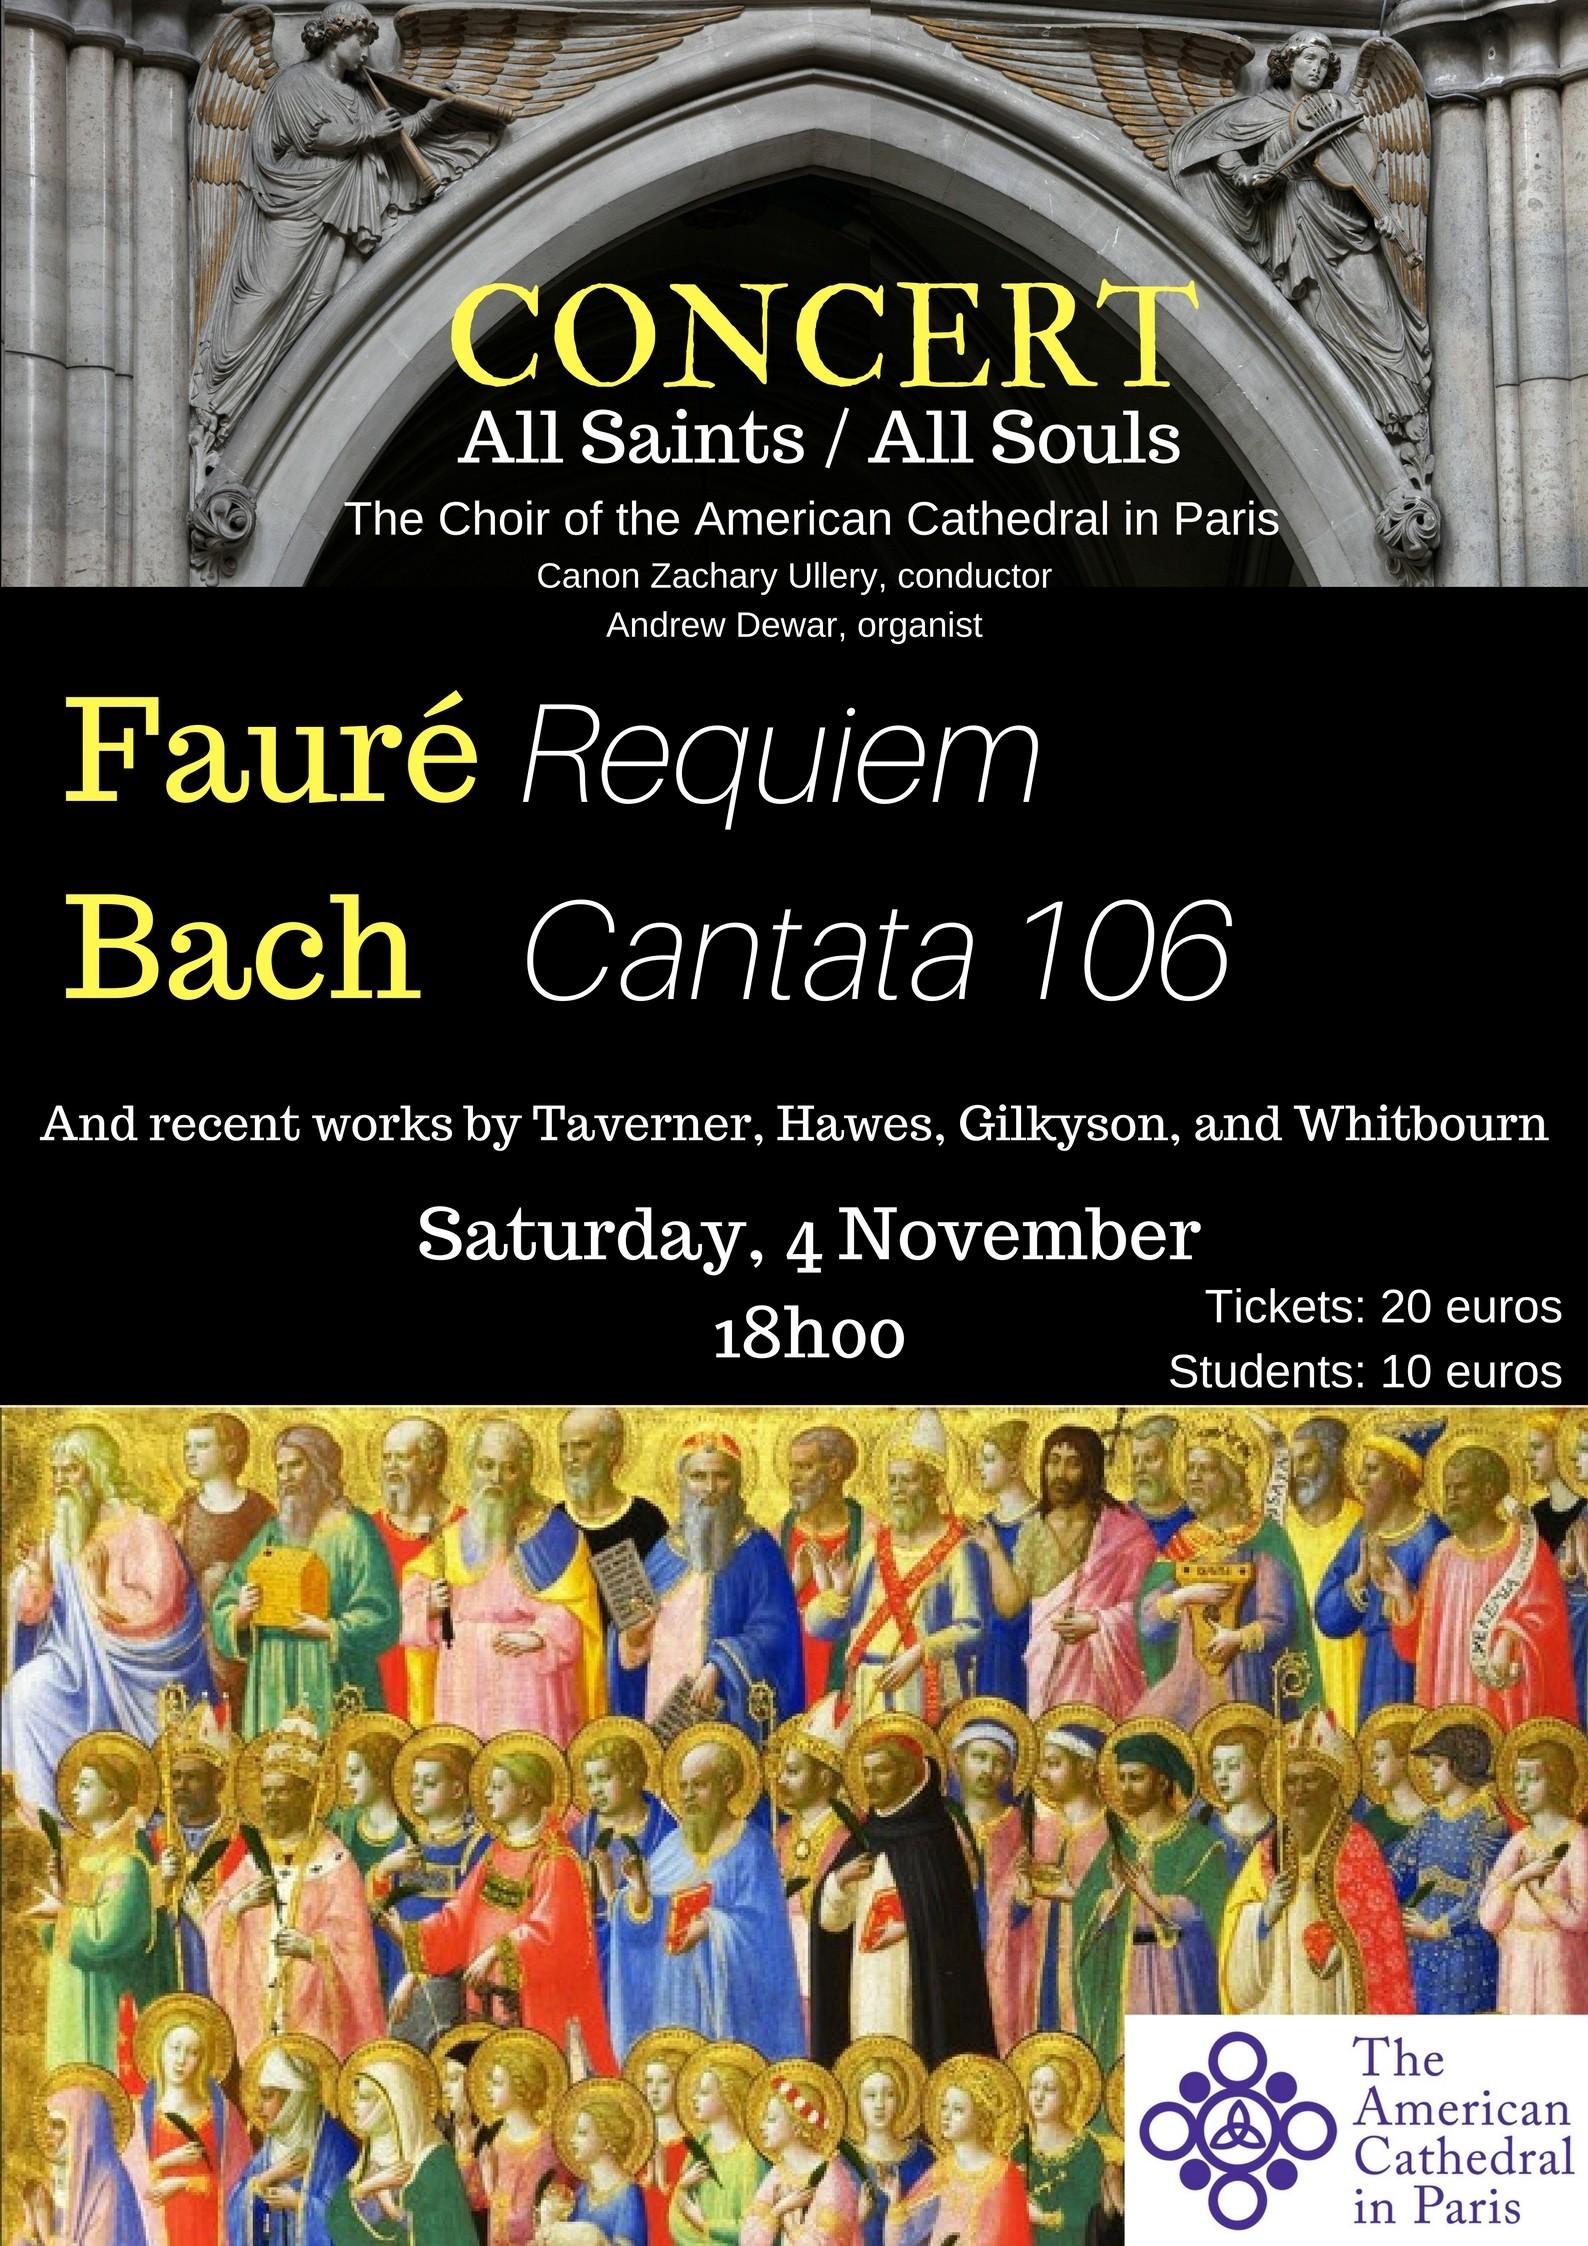 Fauré Requiem andBach Cantata 106_ Actus Tragicus-3.jpg